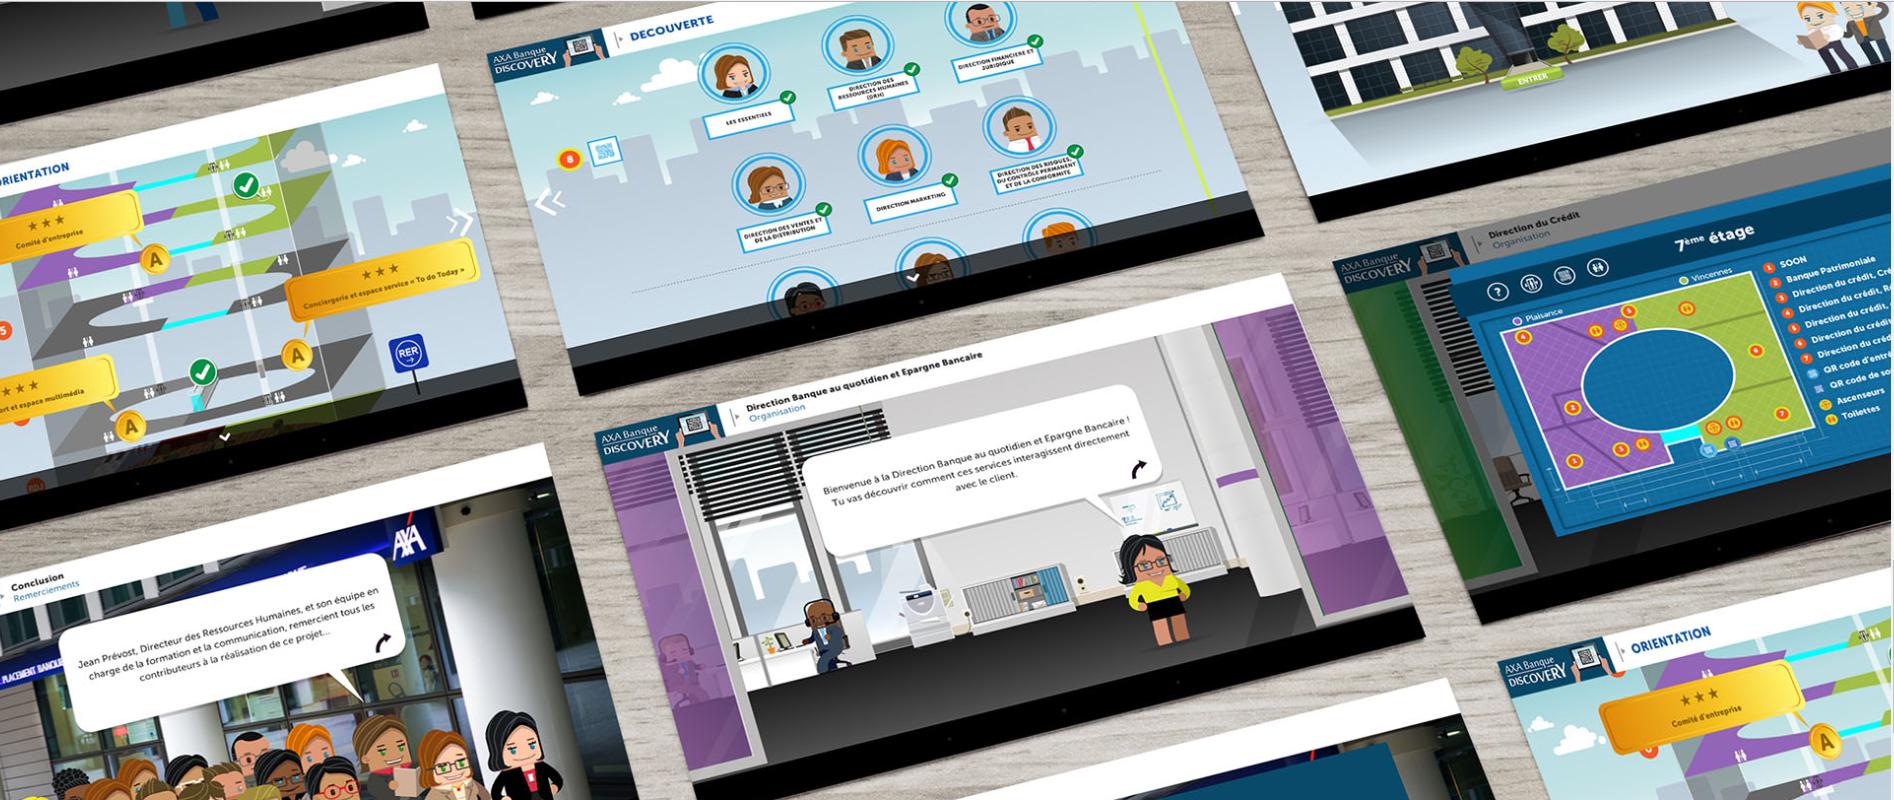 Le Top 10 Des Banques Qui Innovent En Ralit Augmente Virtuelle